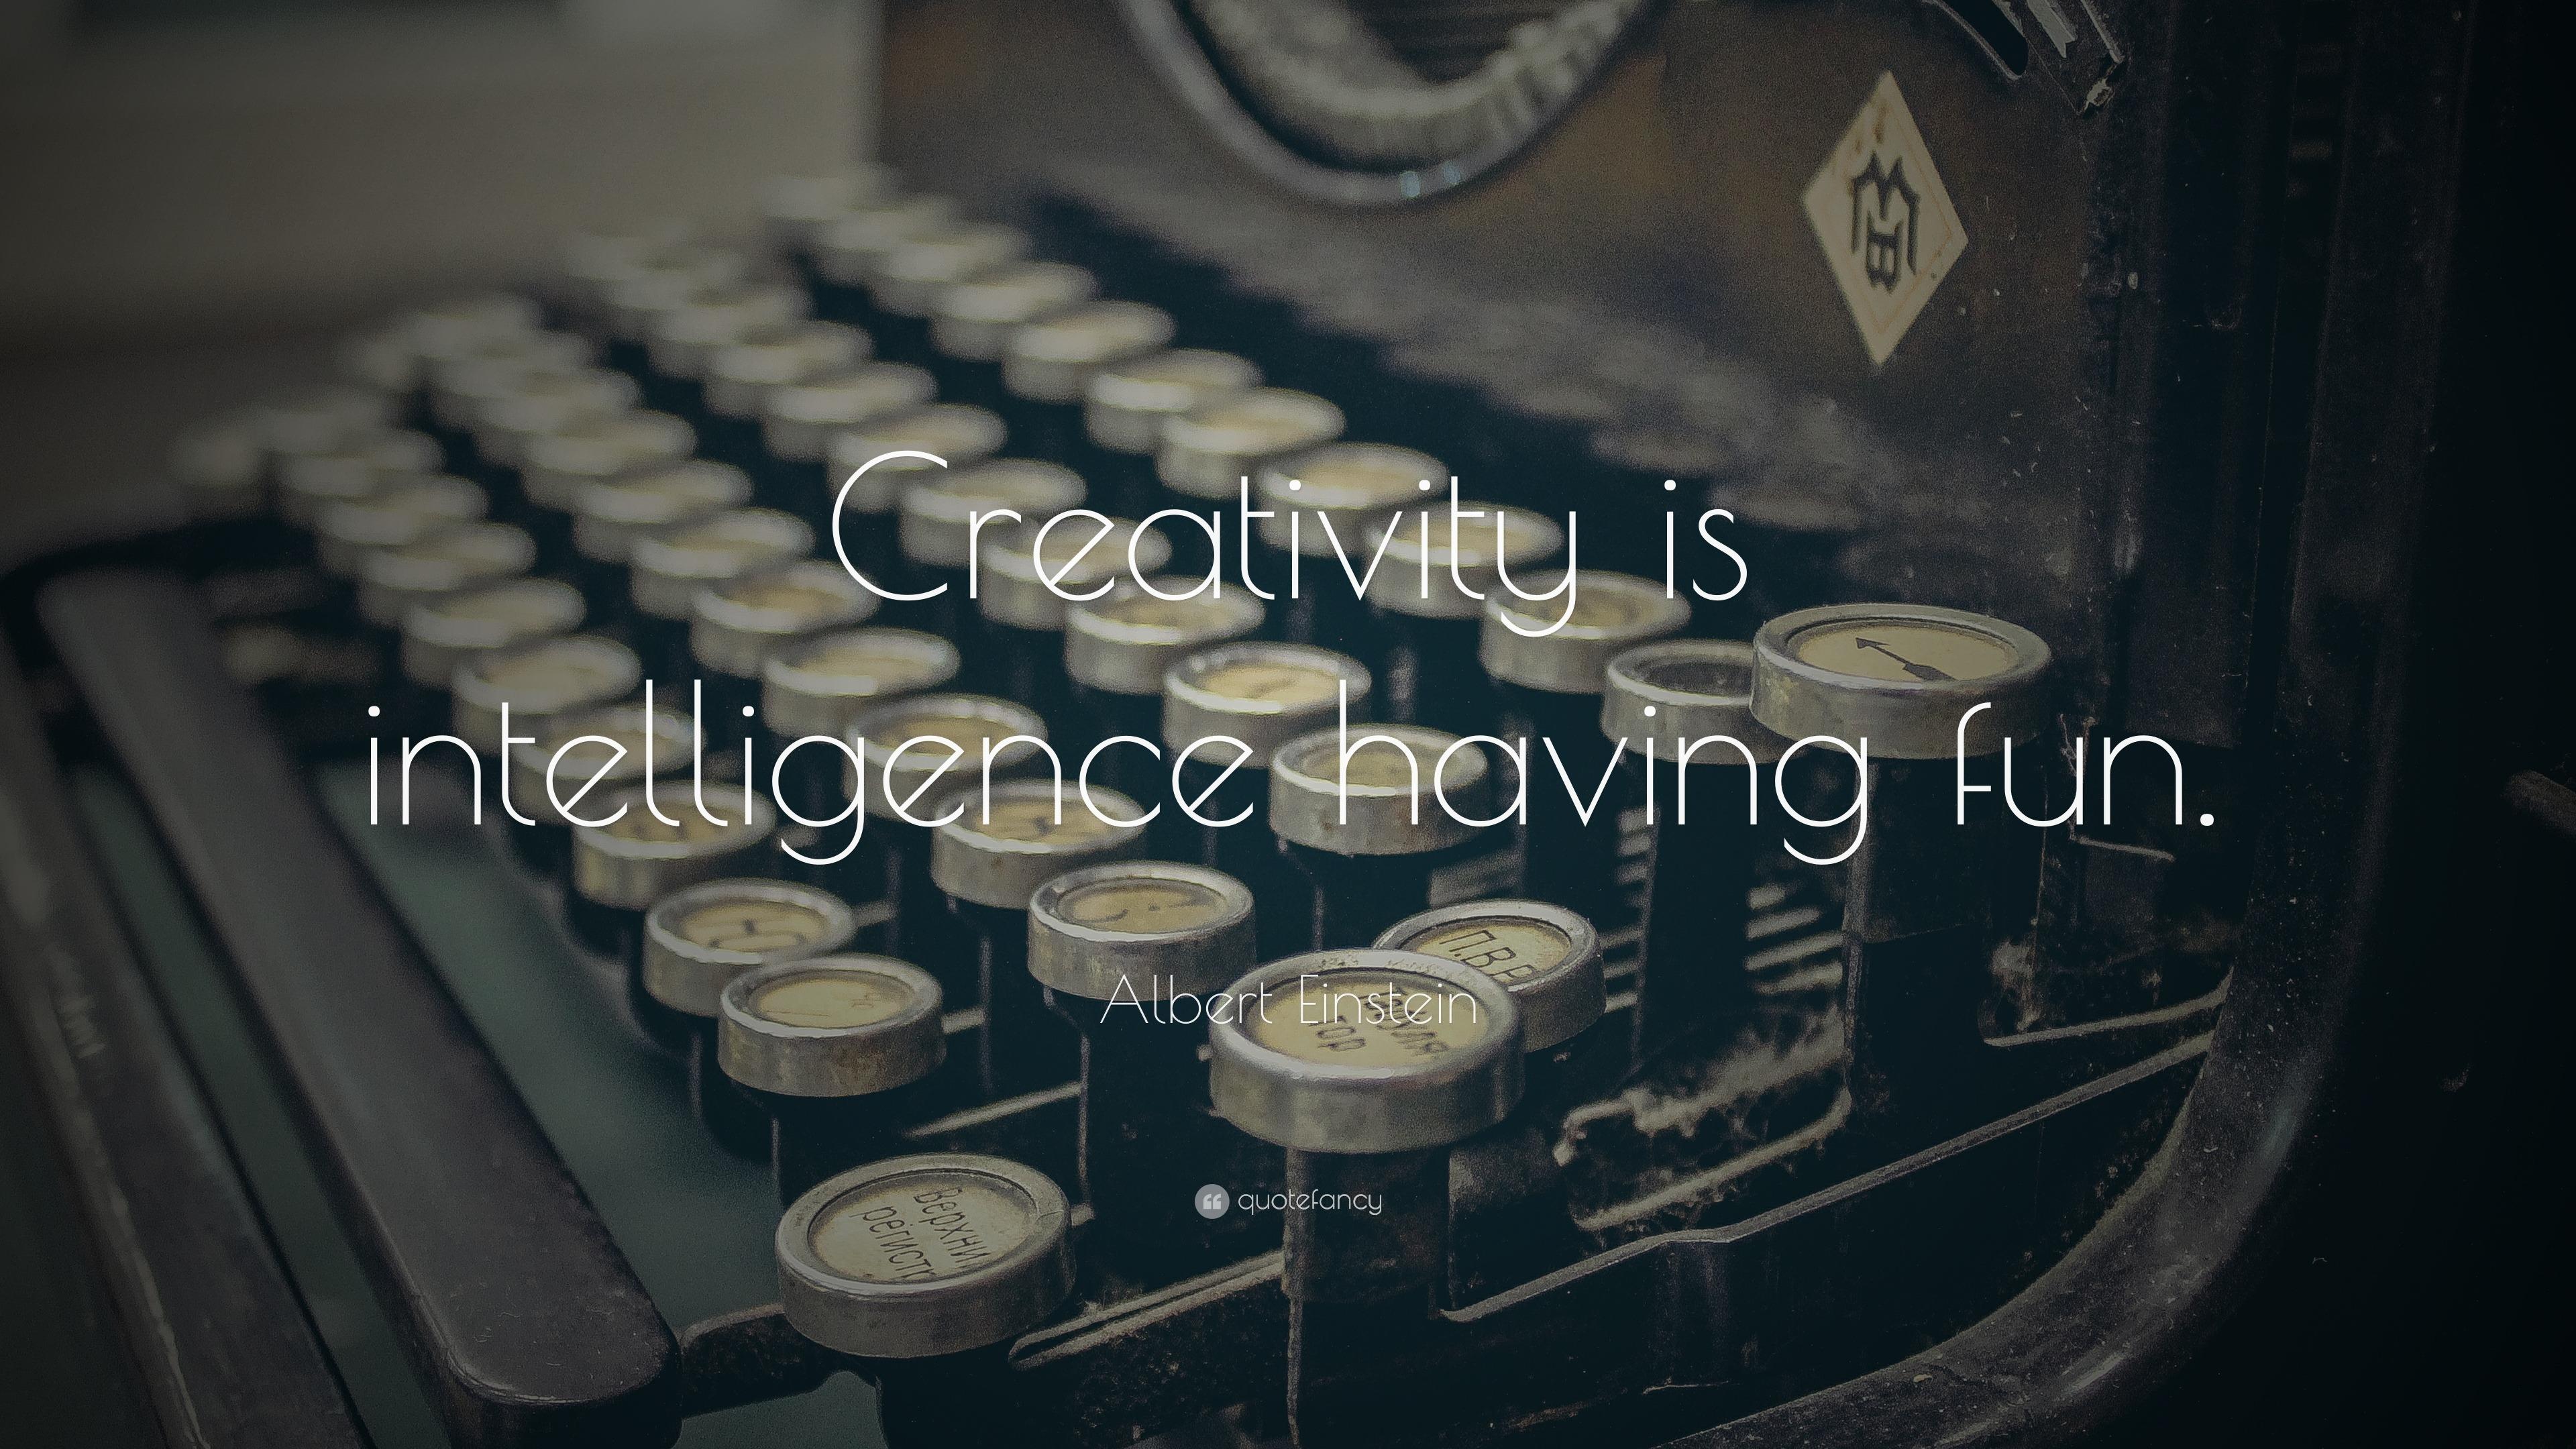 Attrayant Albert Einstein Quote: U201cCreativity Is Intelligence Having Fun.u201d